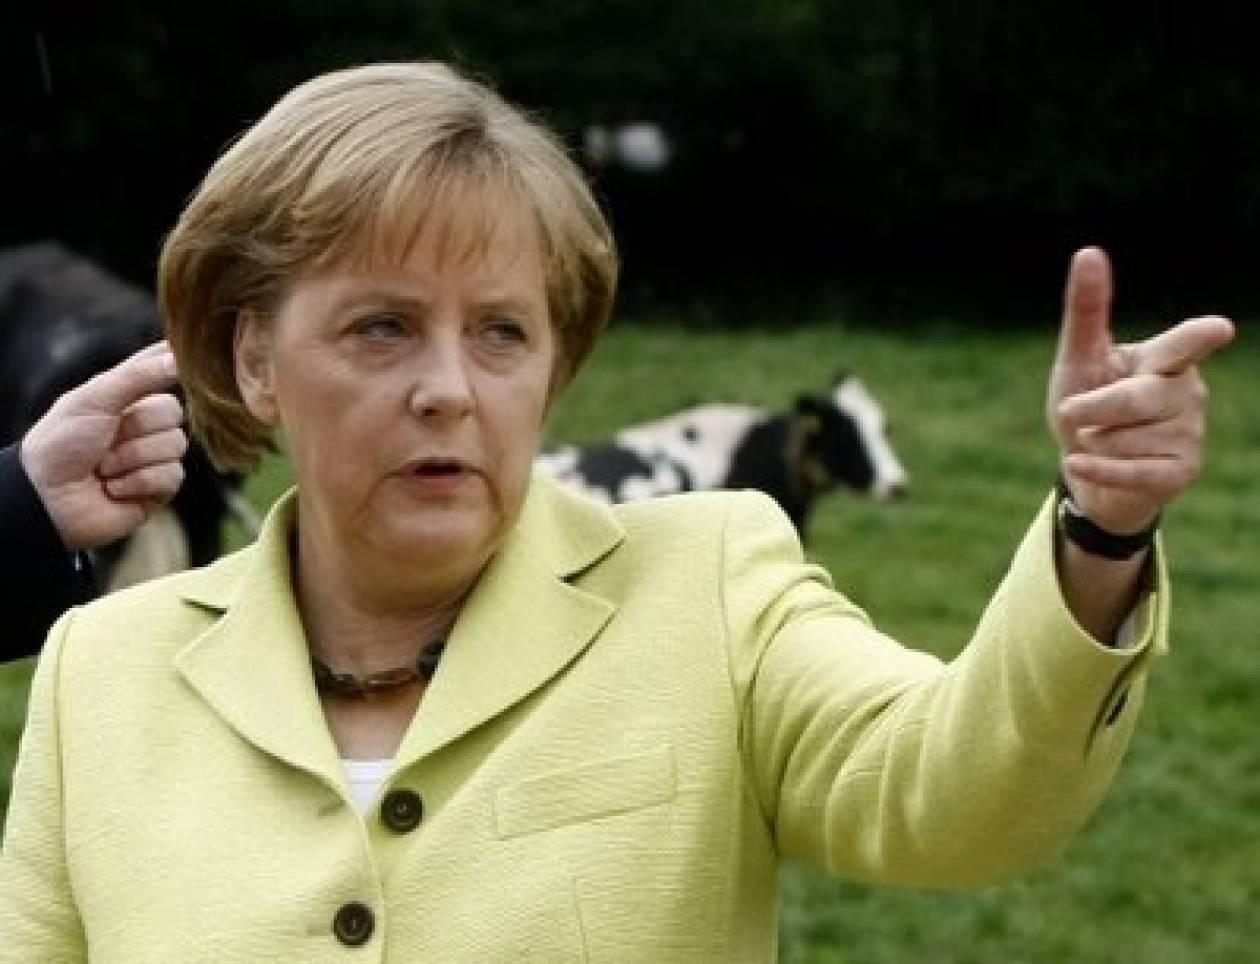 Η Μέρκελ καταδικάζει της υπερχρεωμένες χώρες